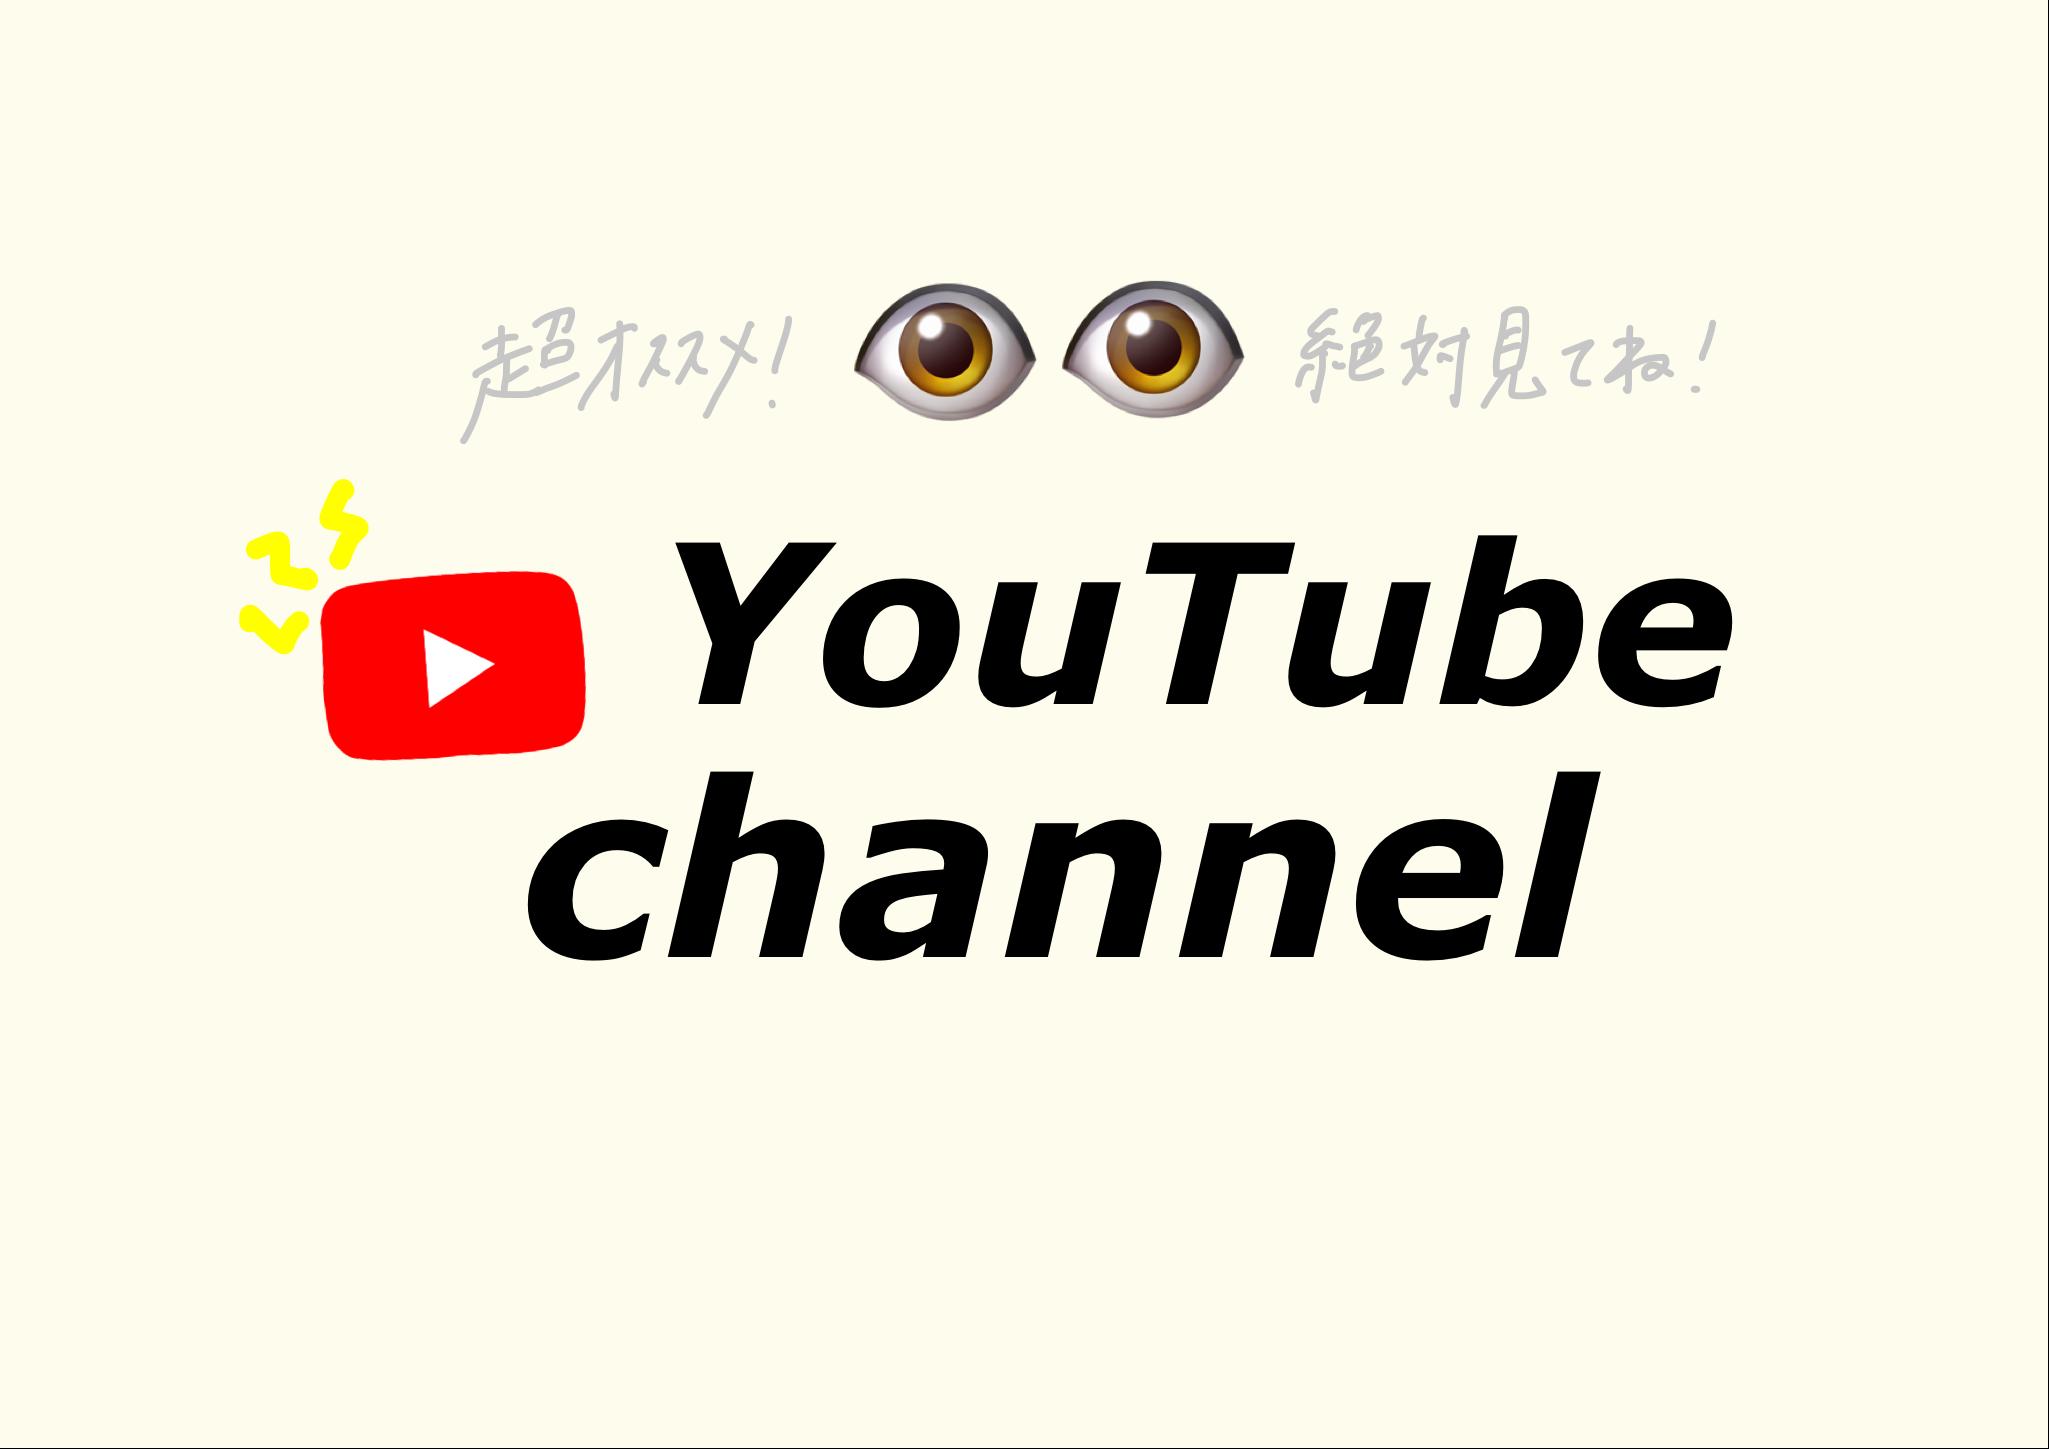 モバイル業界人必見!おススメYouTube Channel!